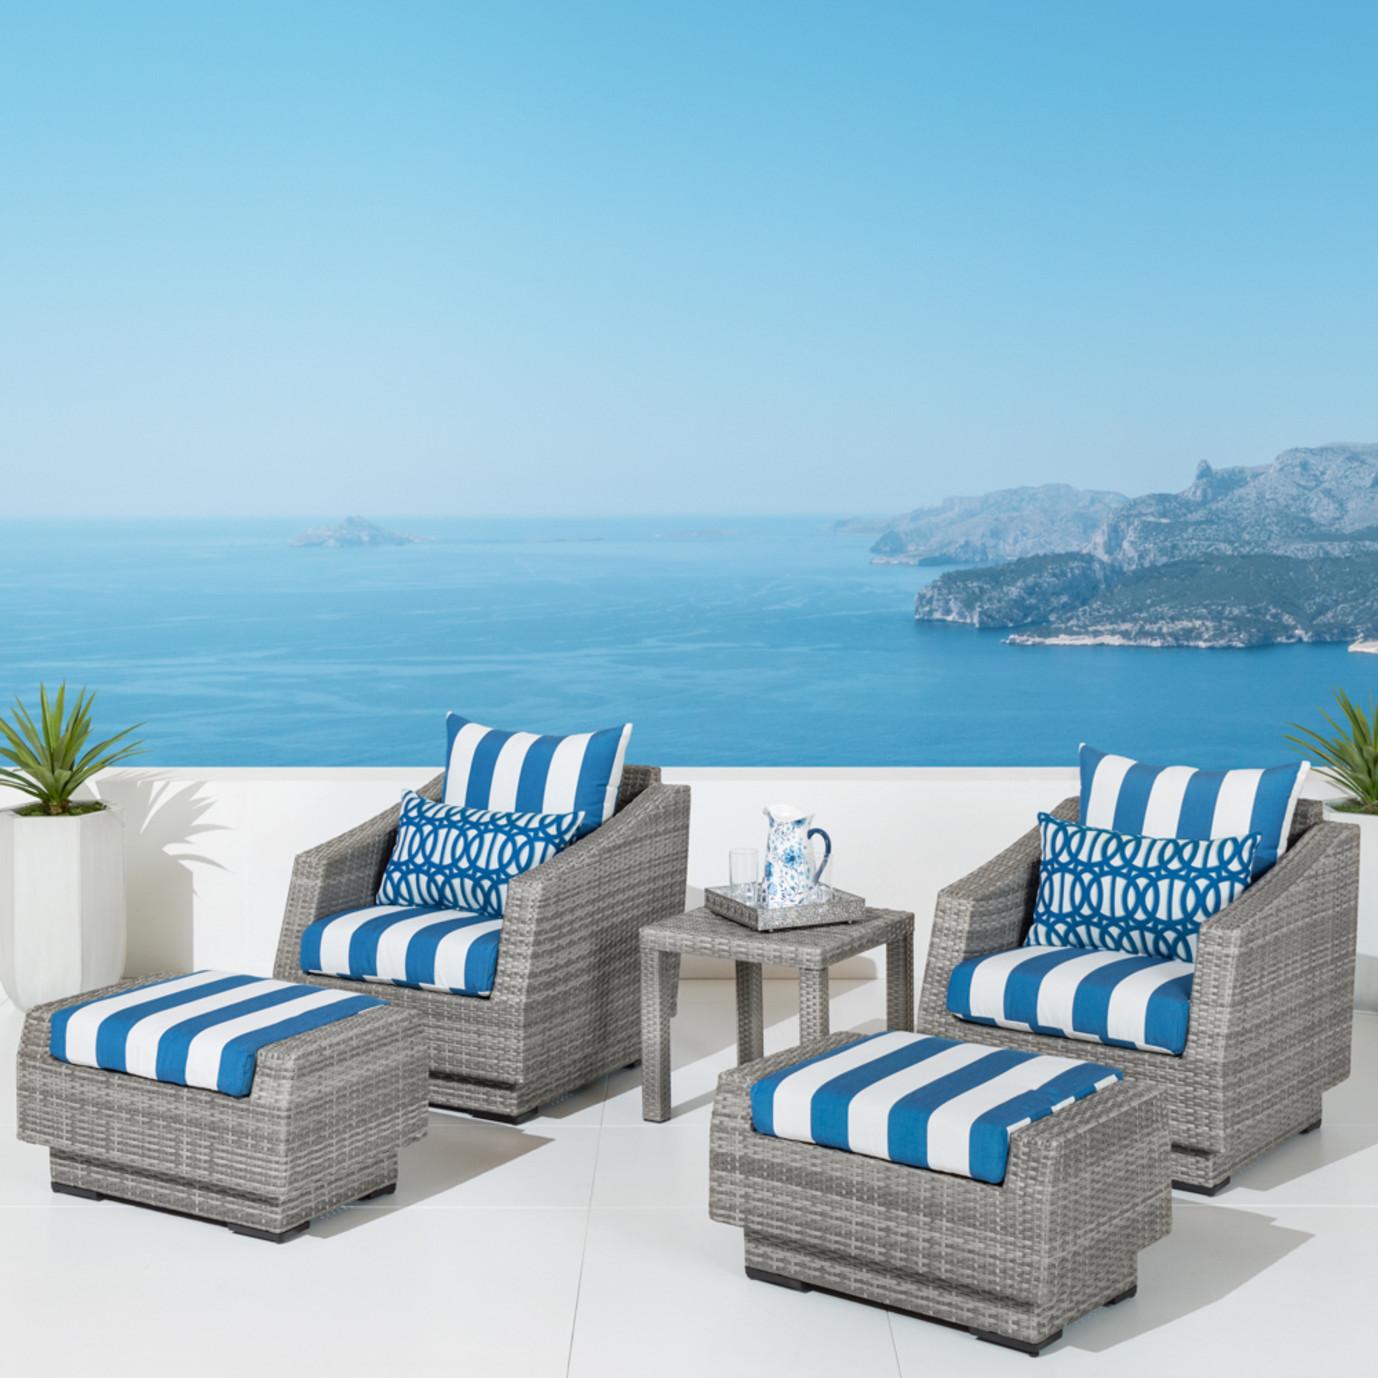 Cannes™ 5pc Club Chair and Ottoman Set - Regatta Blue